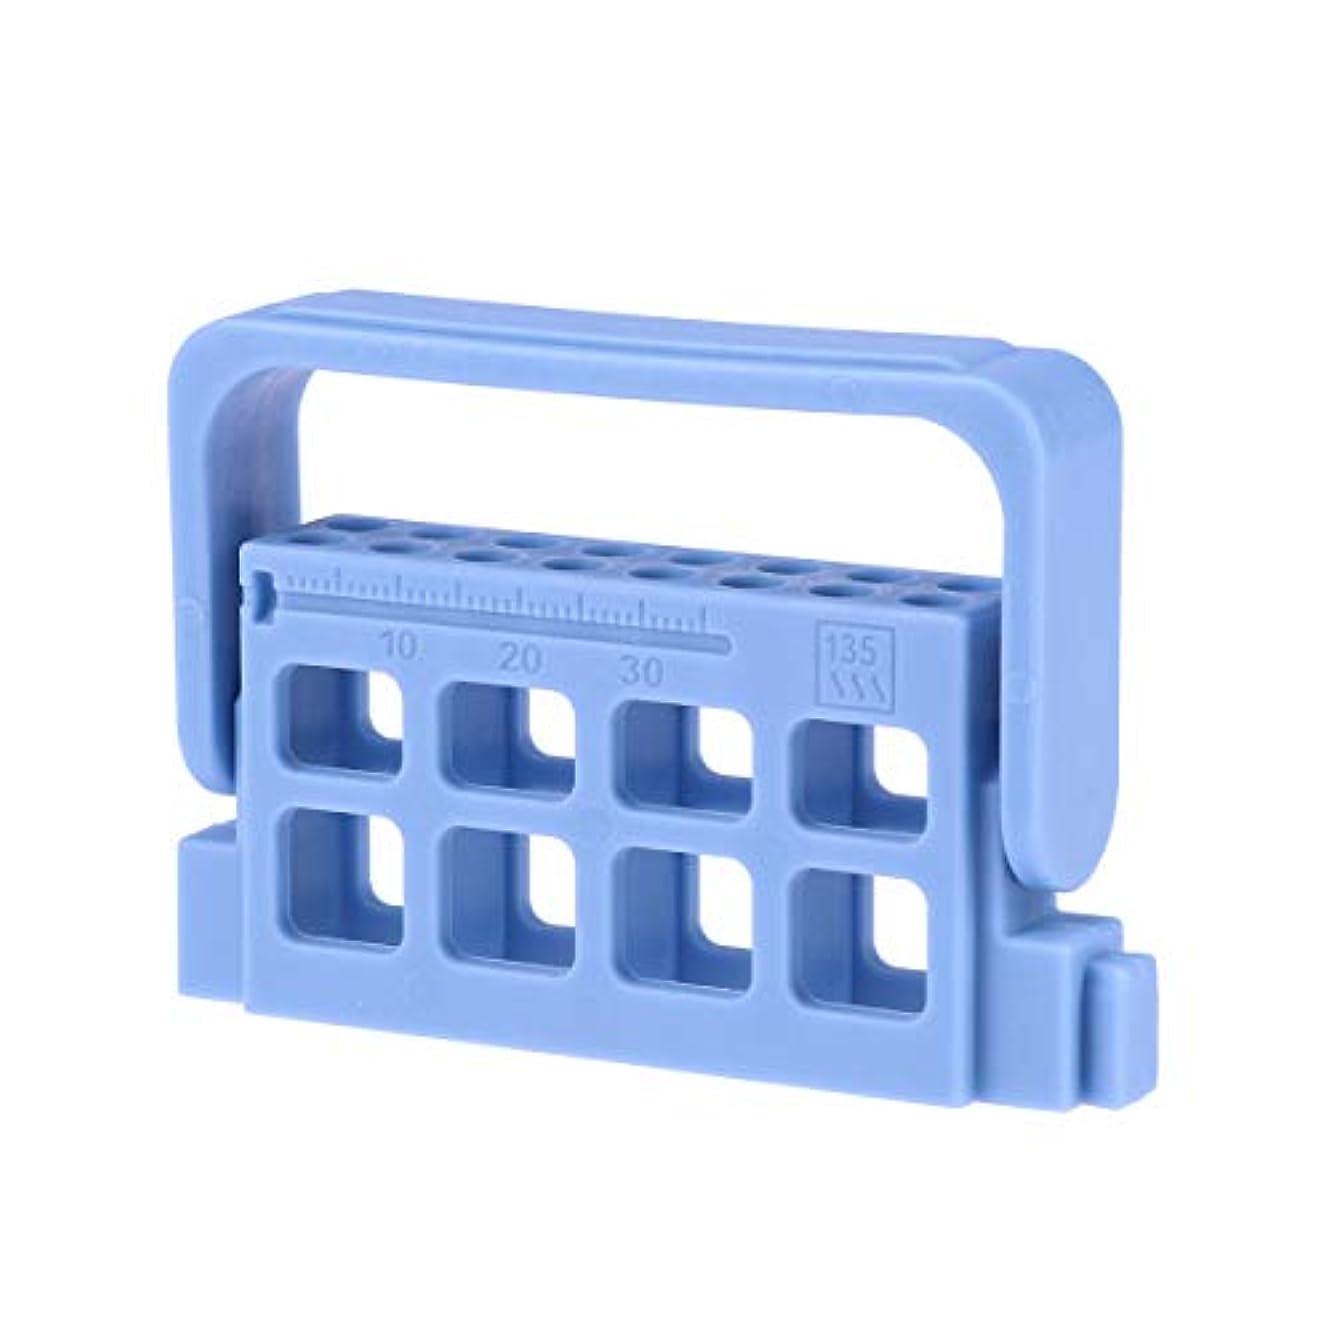 すなわち叫ぶ甥HEALLILY 歯科用測定ファイルホルダー口腔根管洗浄スタンド付き測定スケール臨床用具(青)